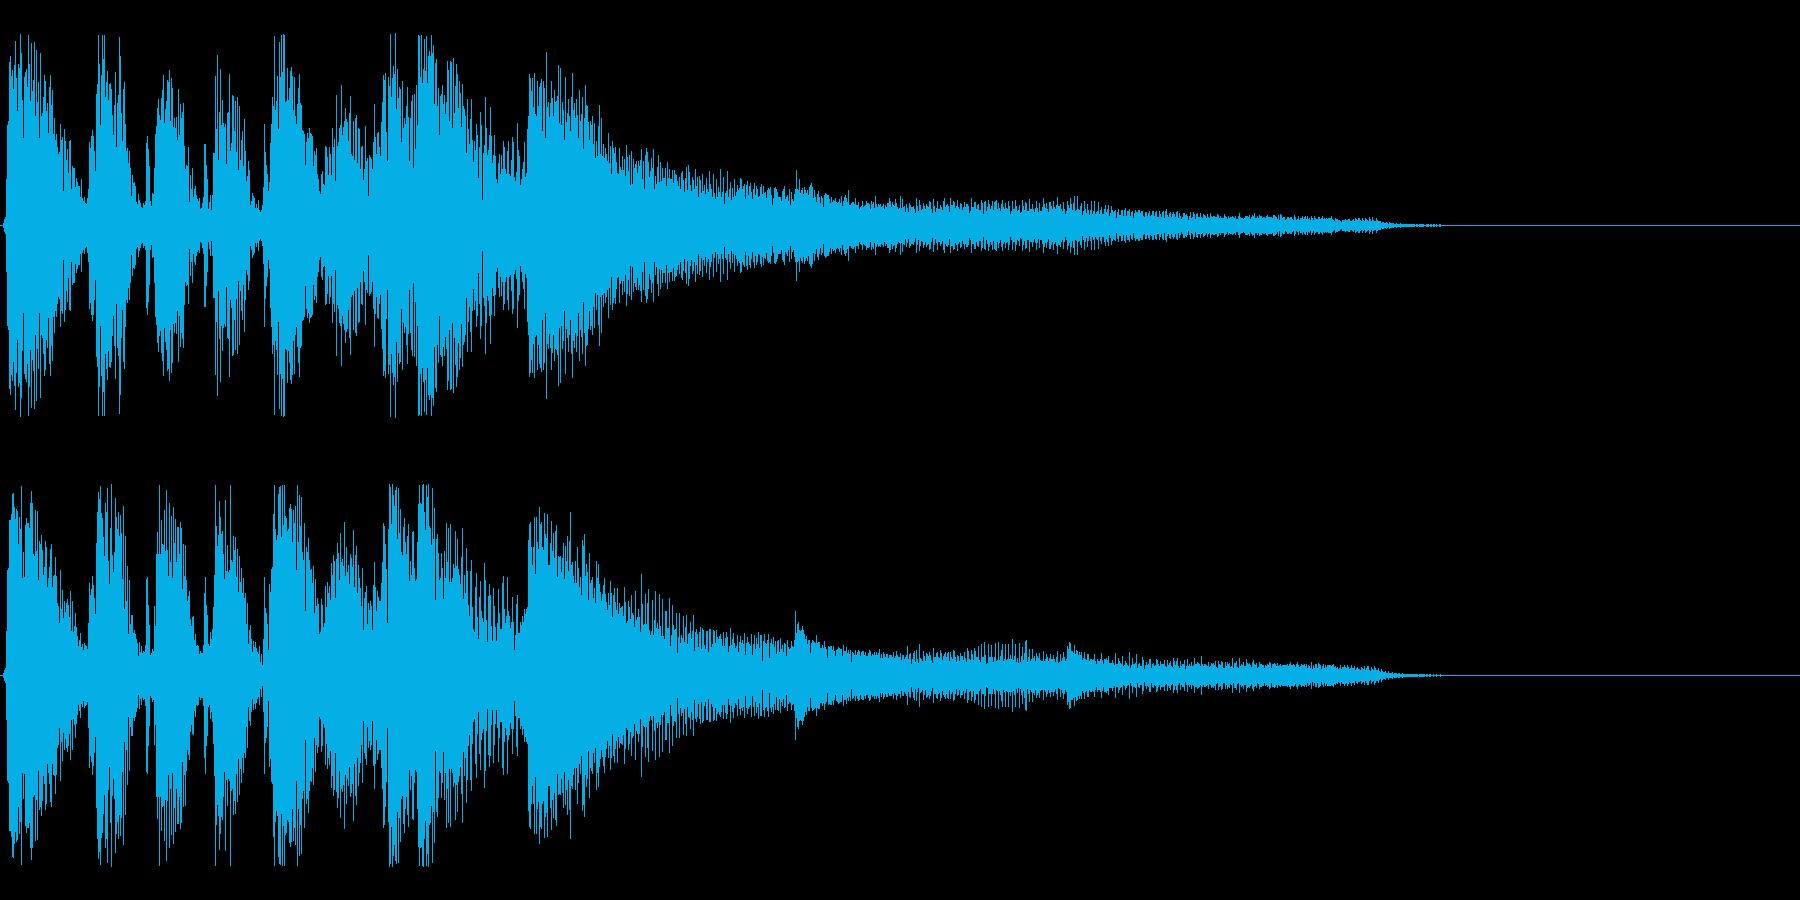 【月の無い夜2】の再生済みの波形